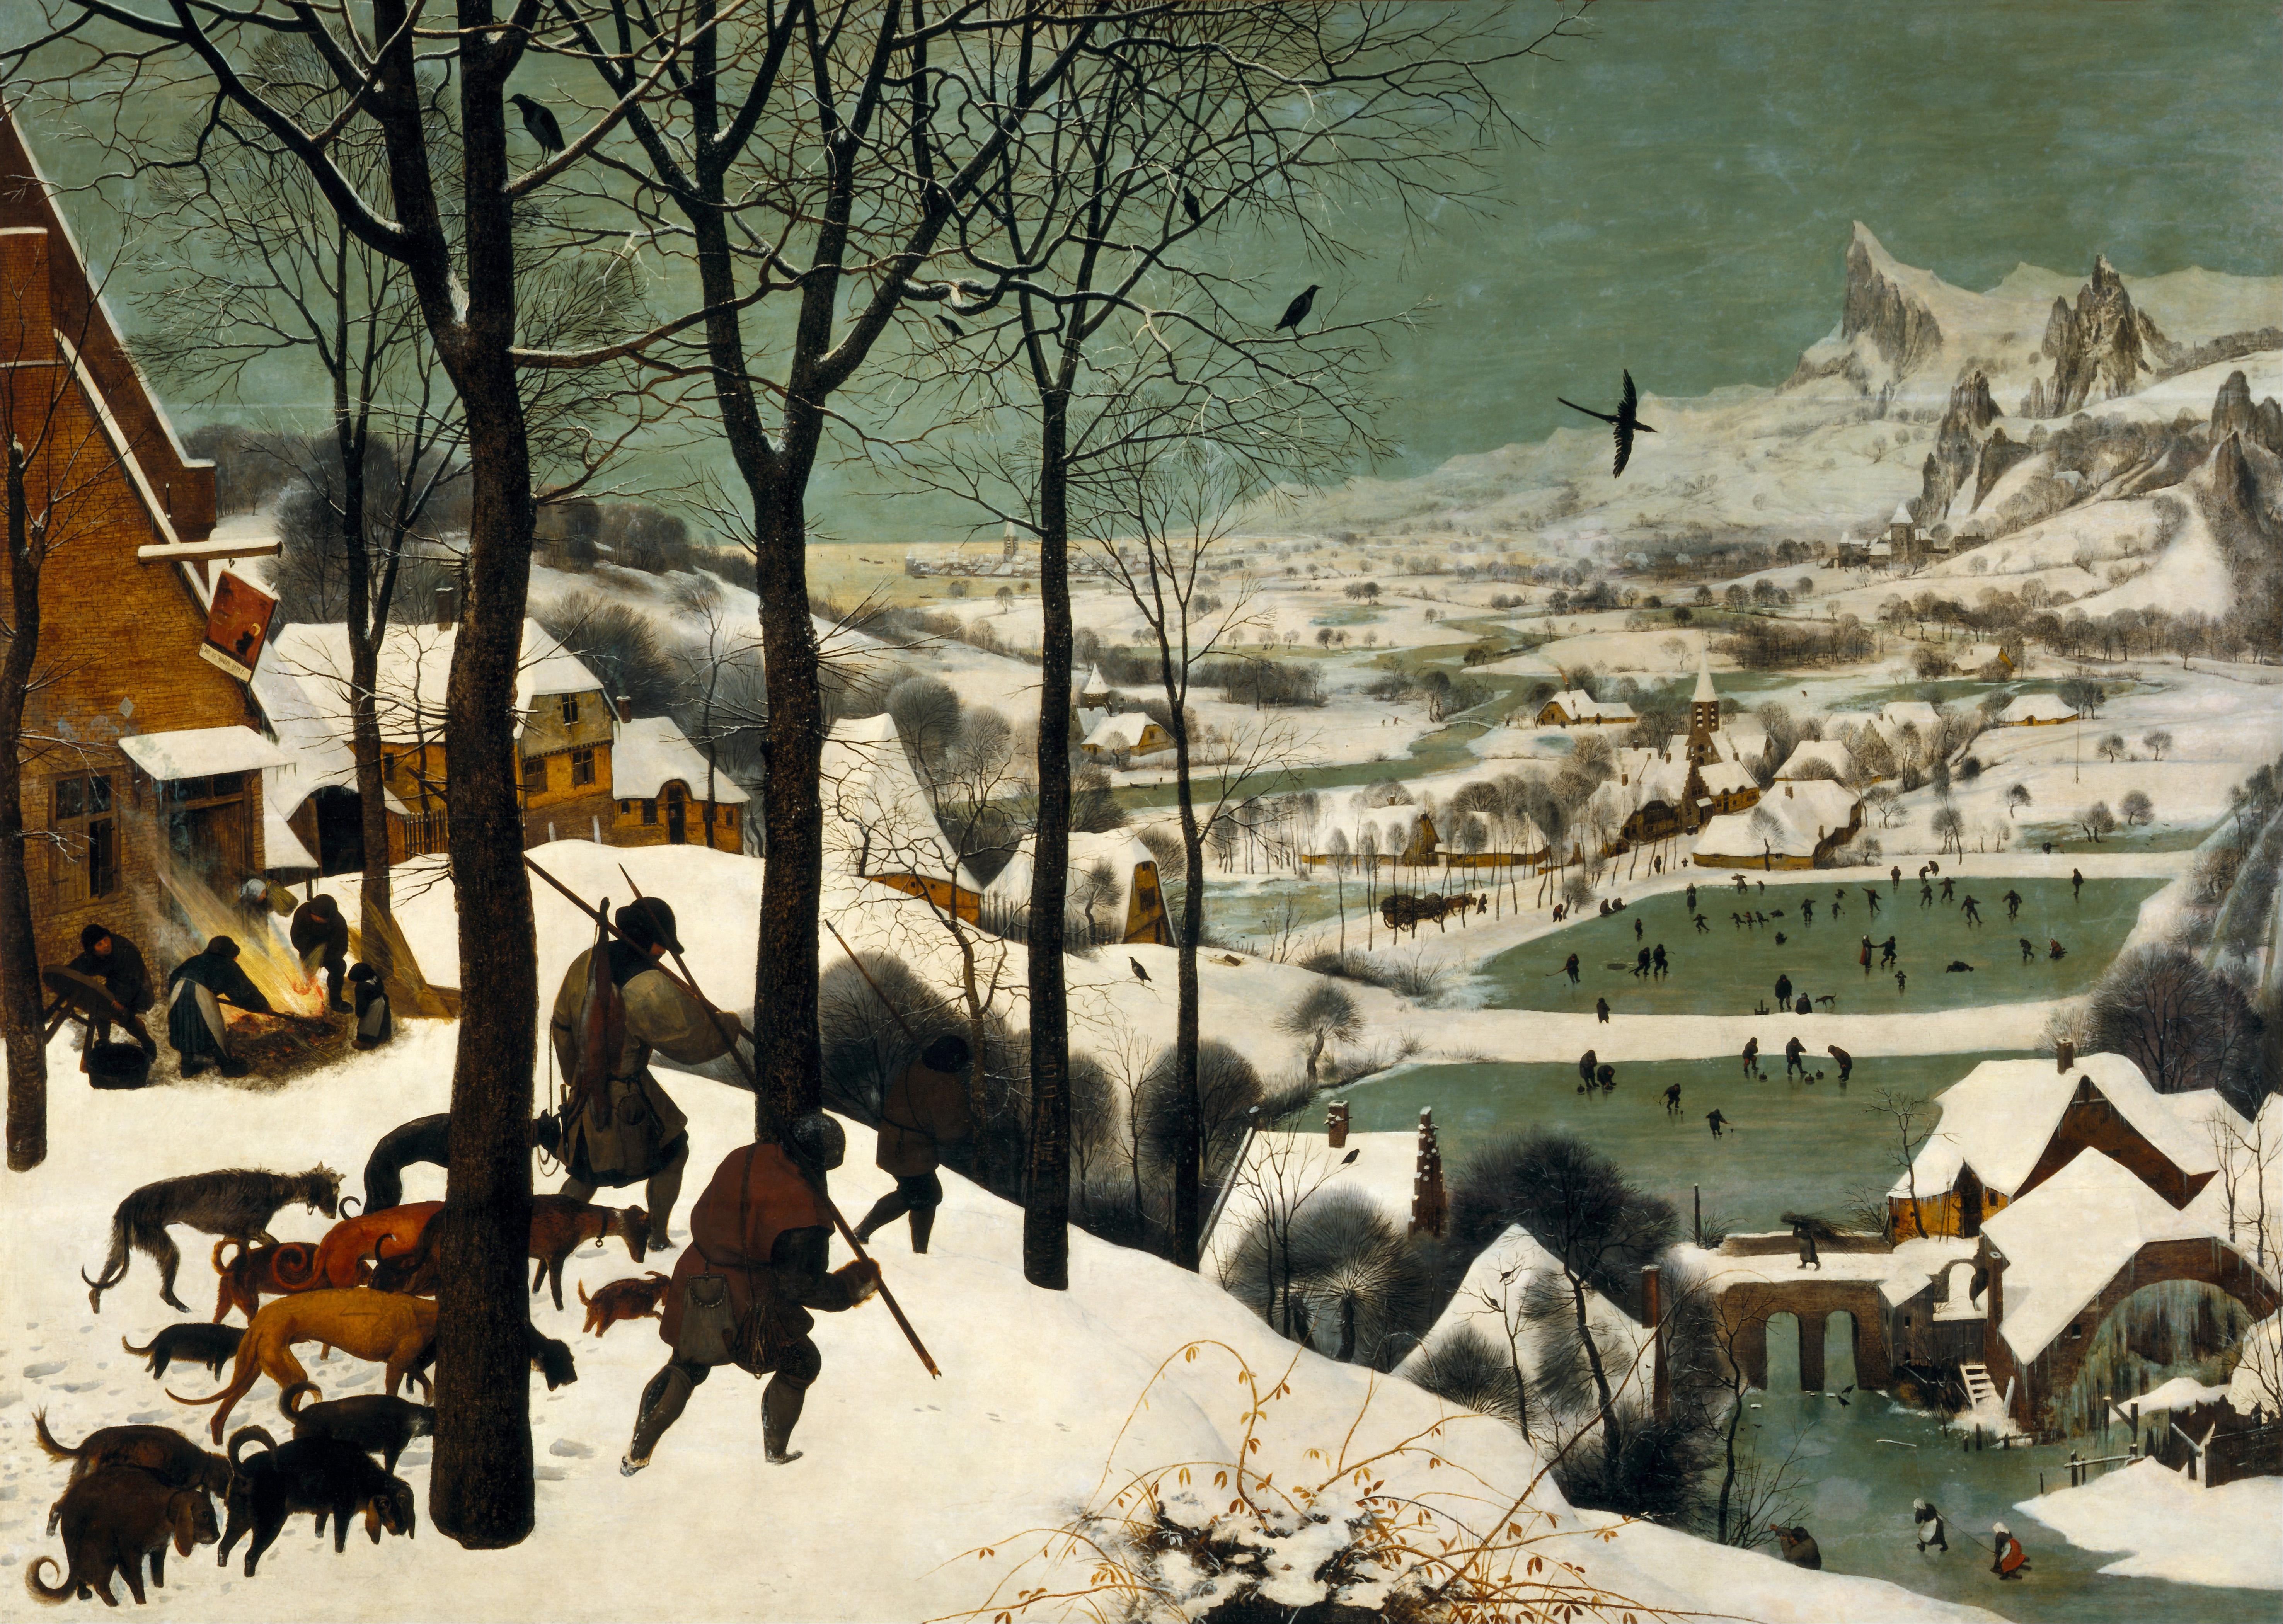 Ki készítette 1565-ben a Vadászok a hóban című festményt?